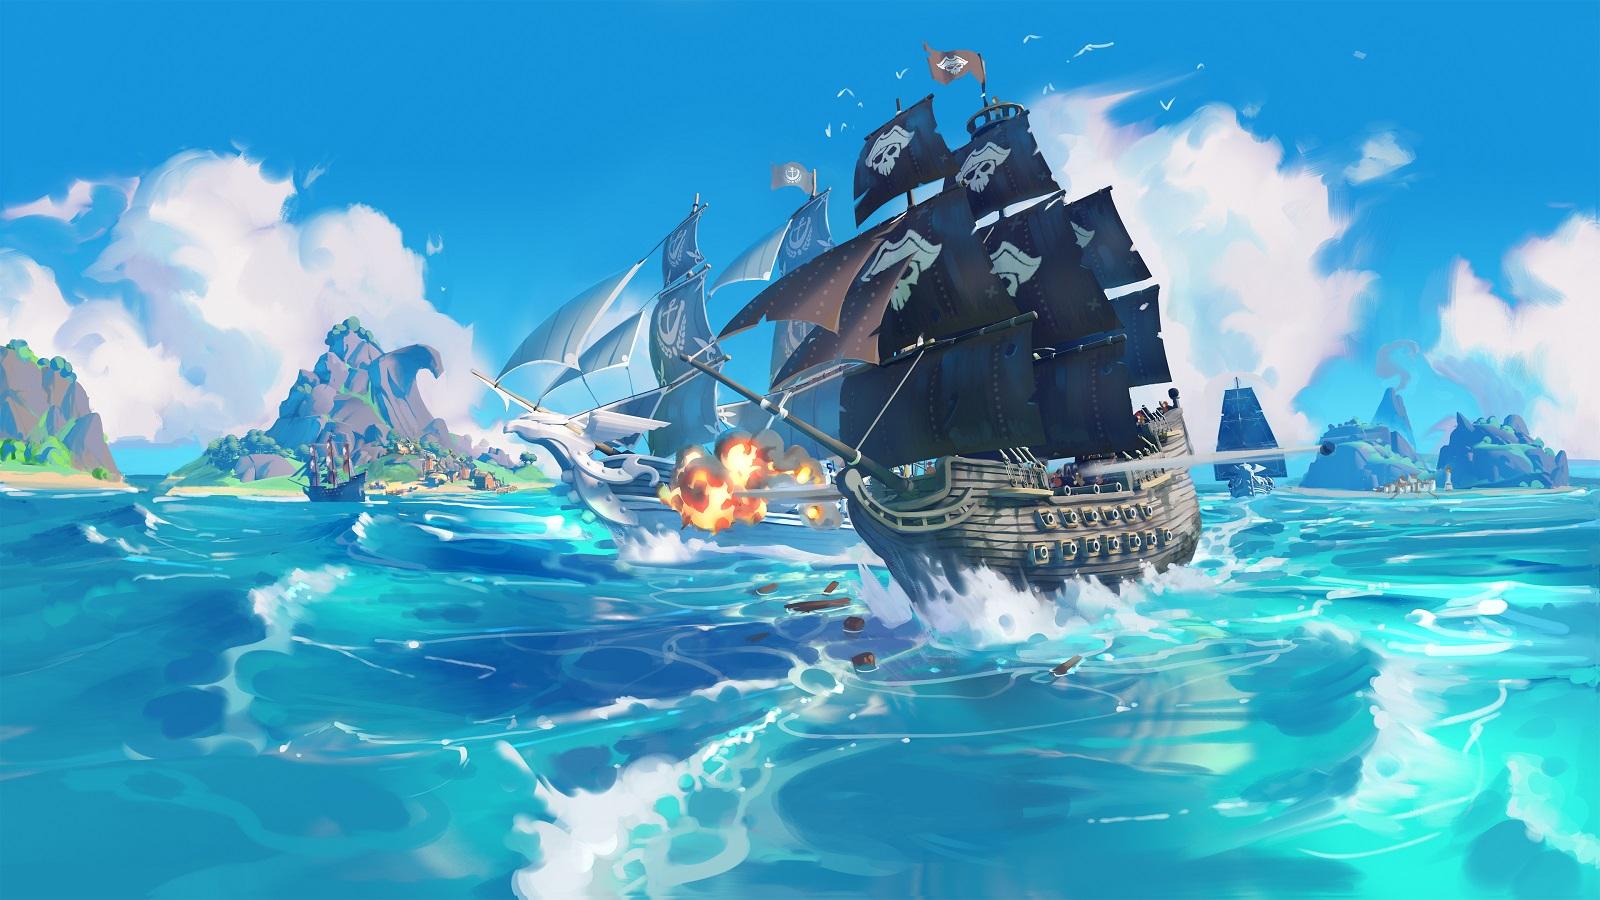 Разработчики пиратского ролевого экшена King of Seas определились с датой релиза